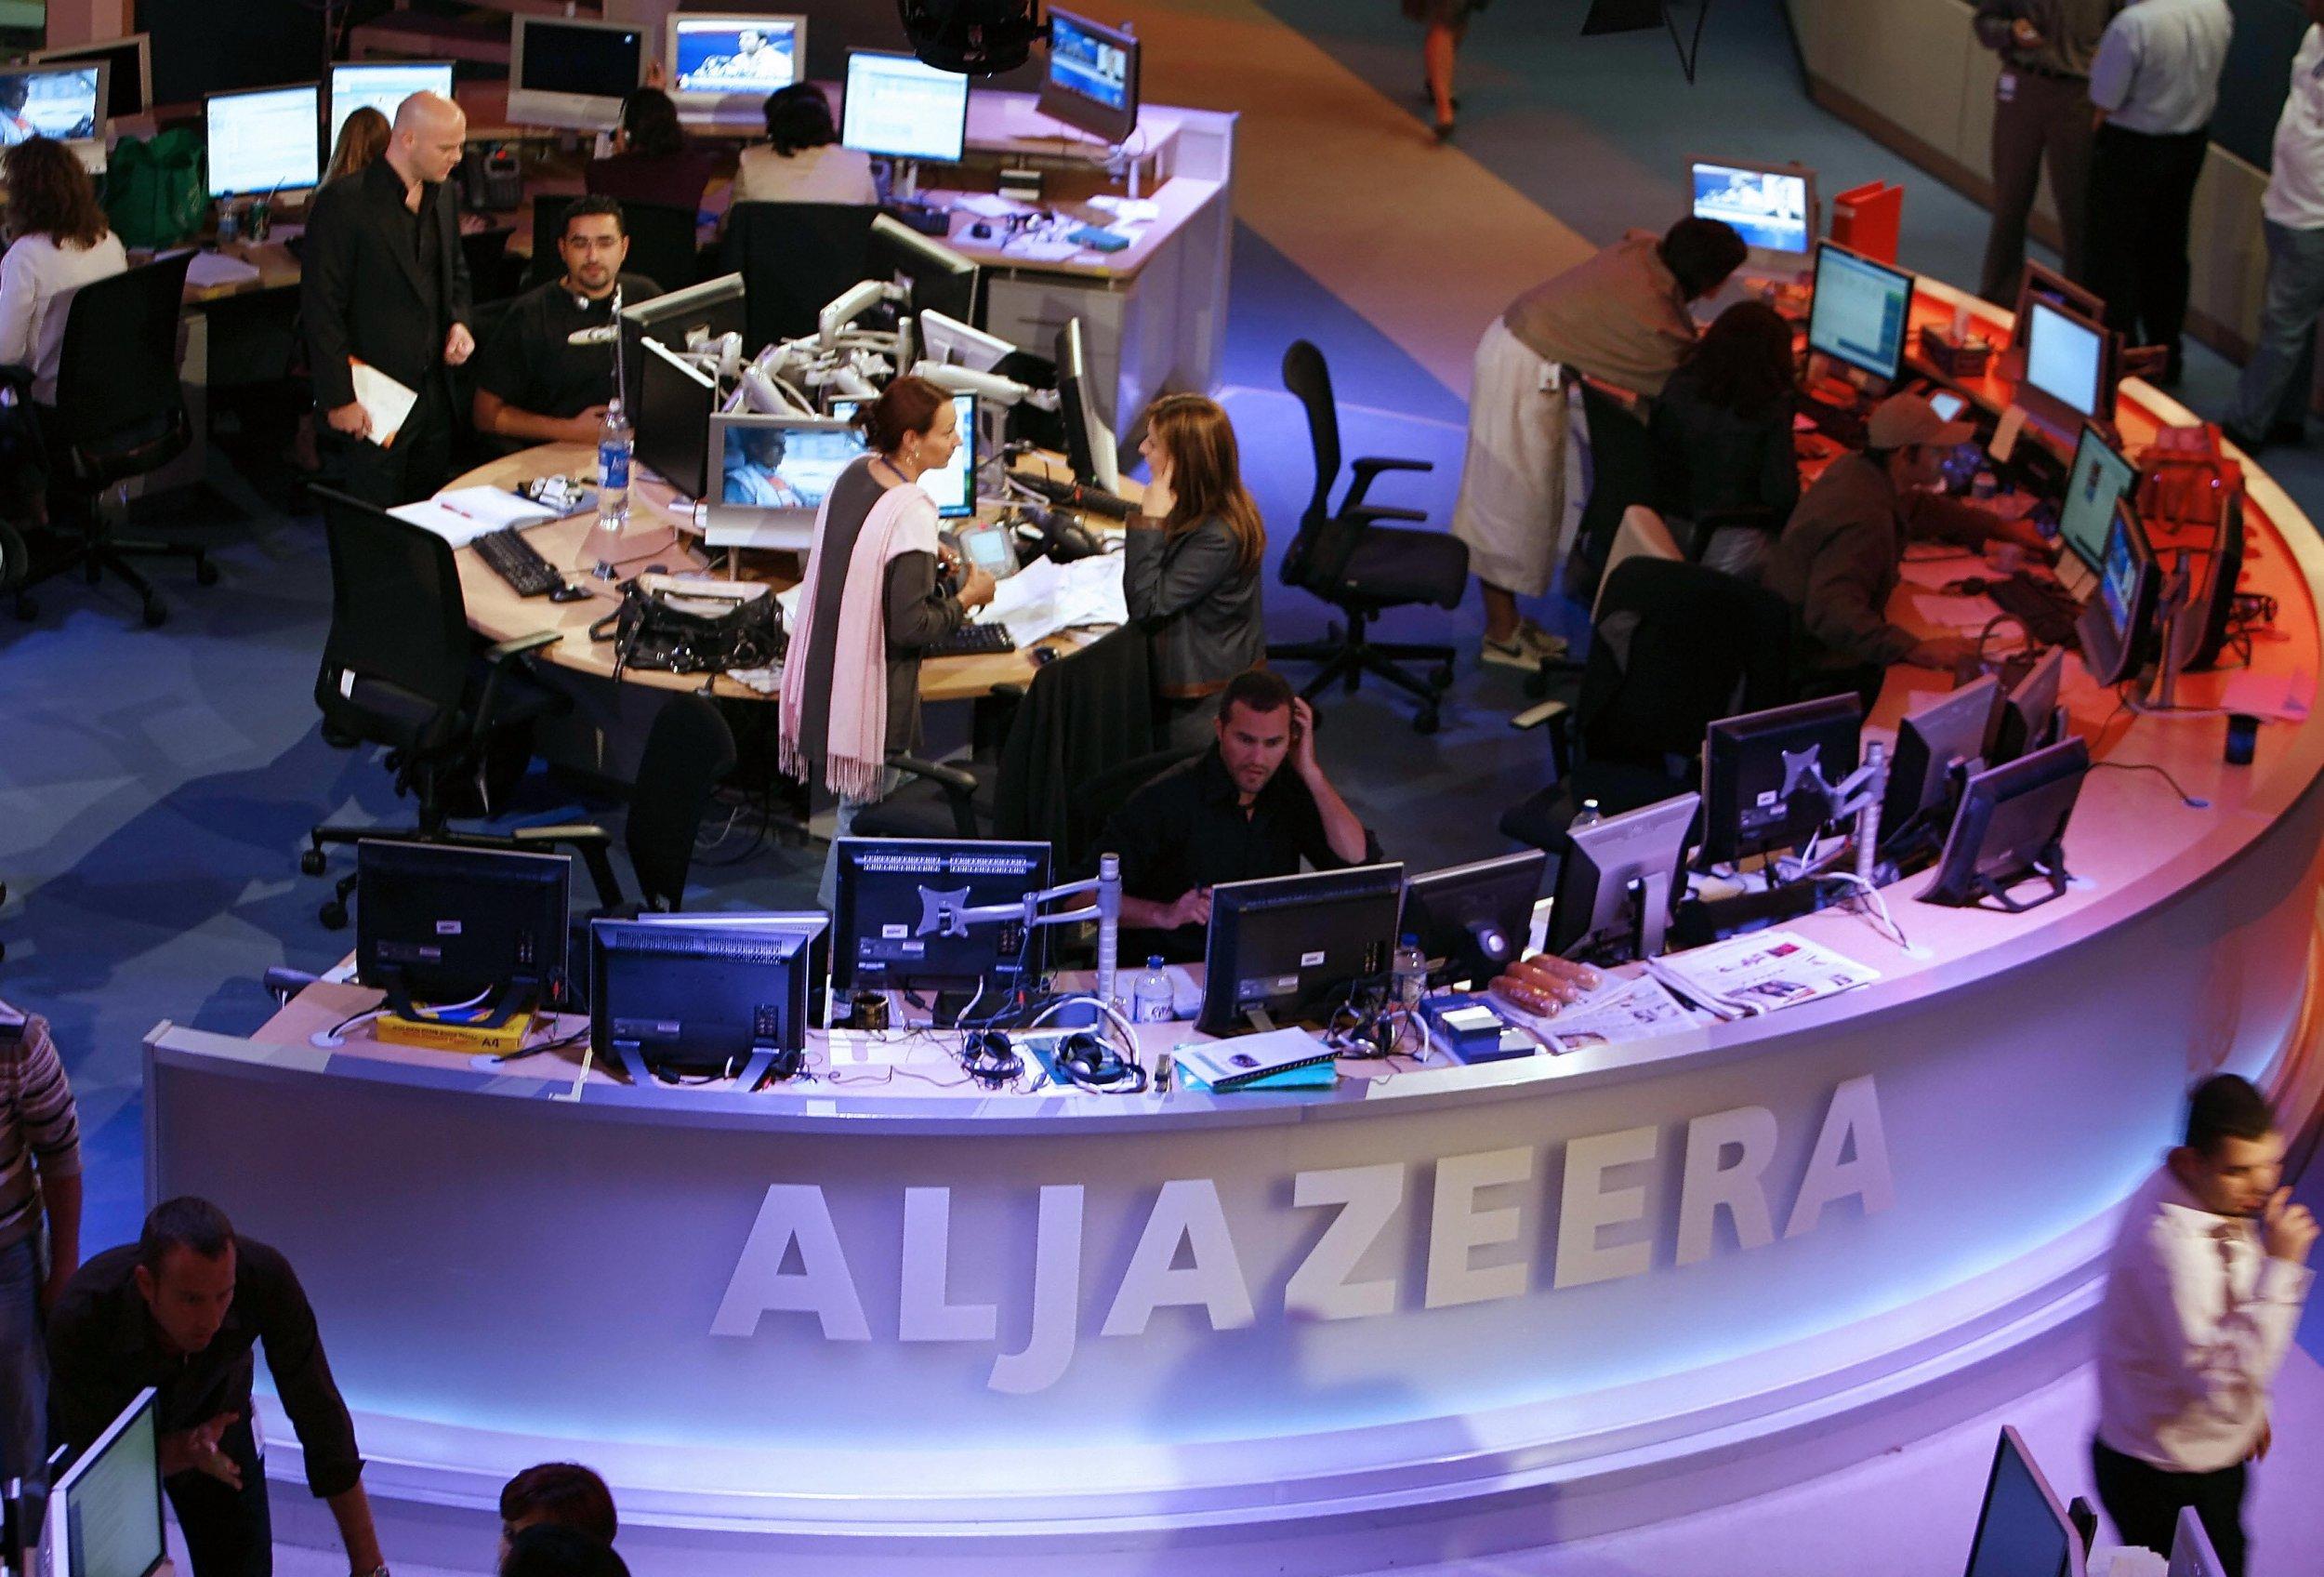 Qatar-based network Al Jazeera